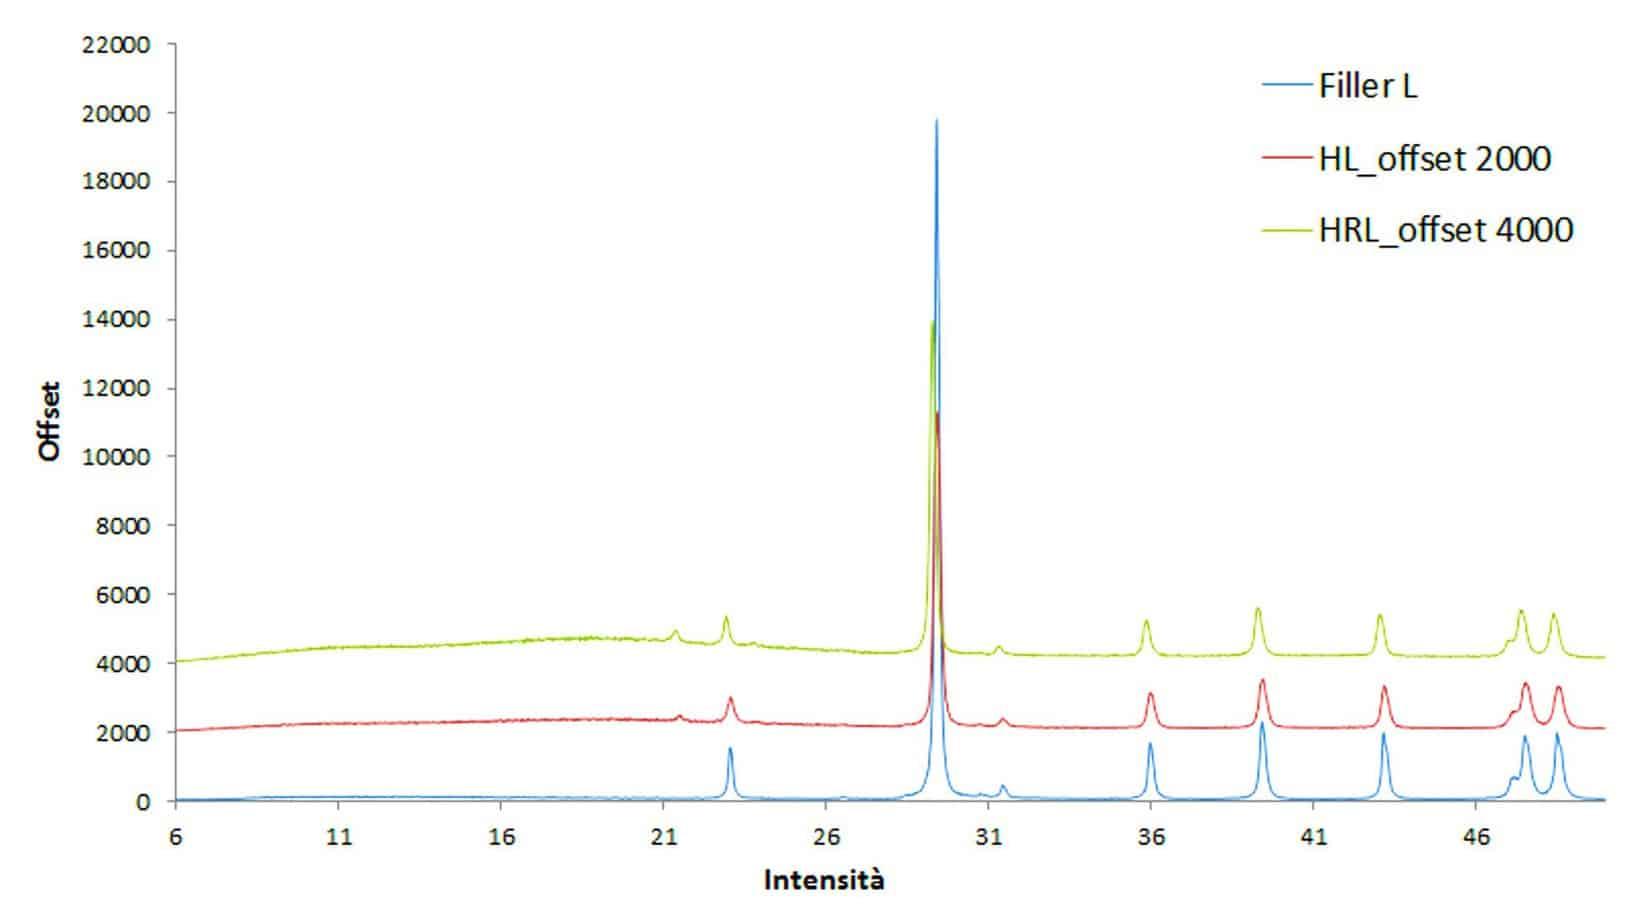 Il pattern di diffrazione relativo al filler L e relativi mastici